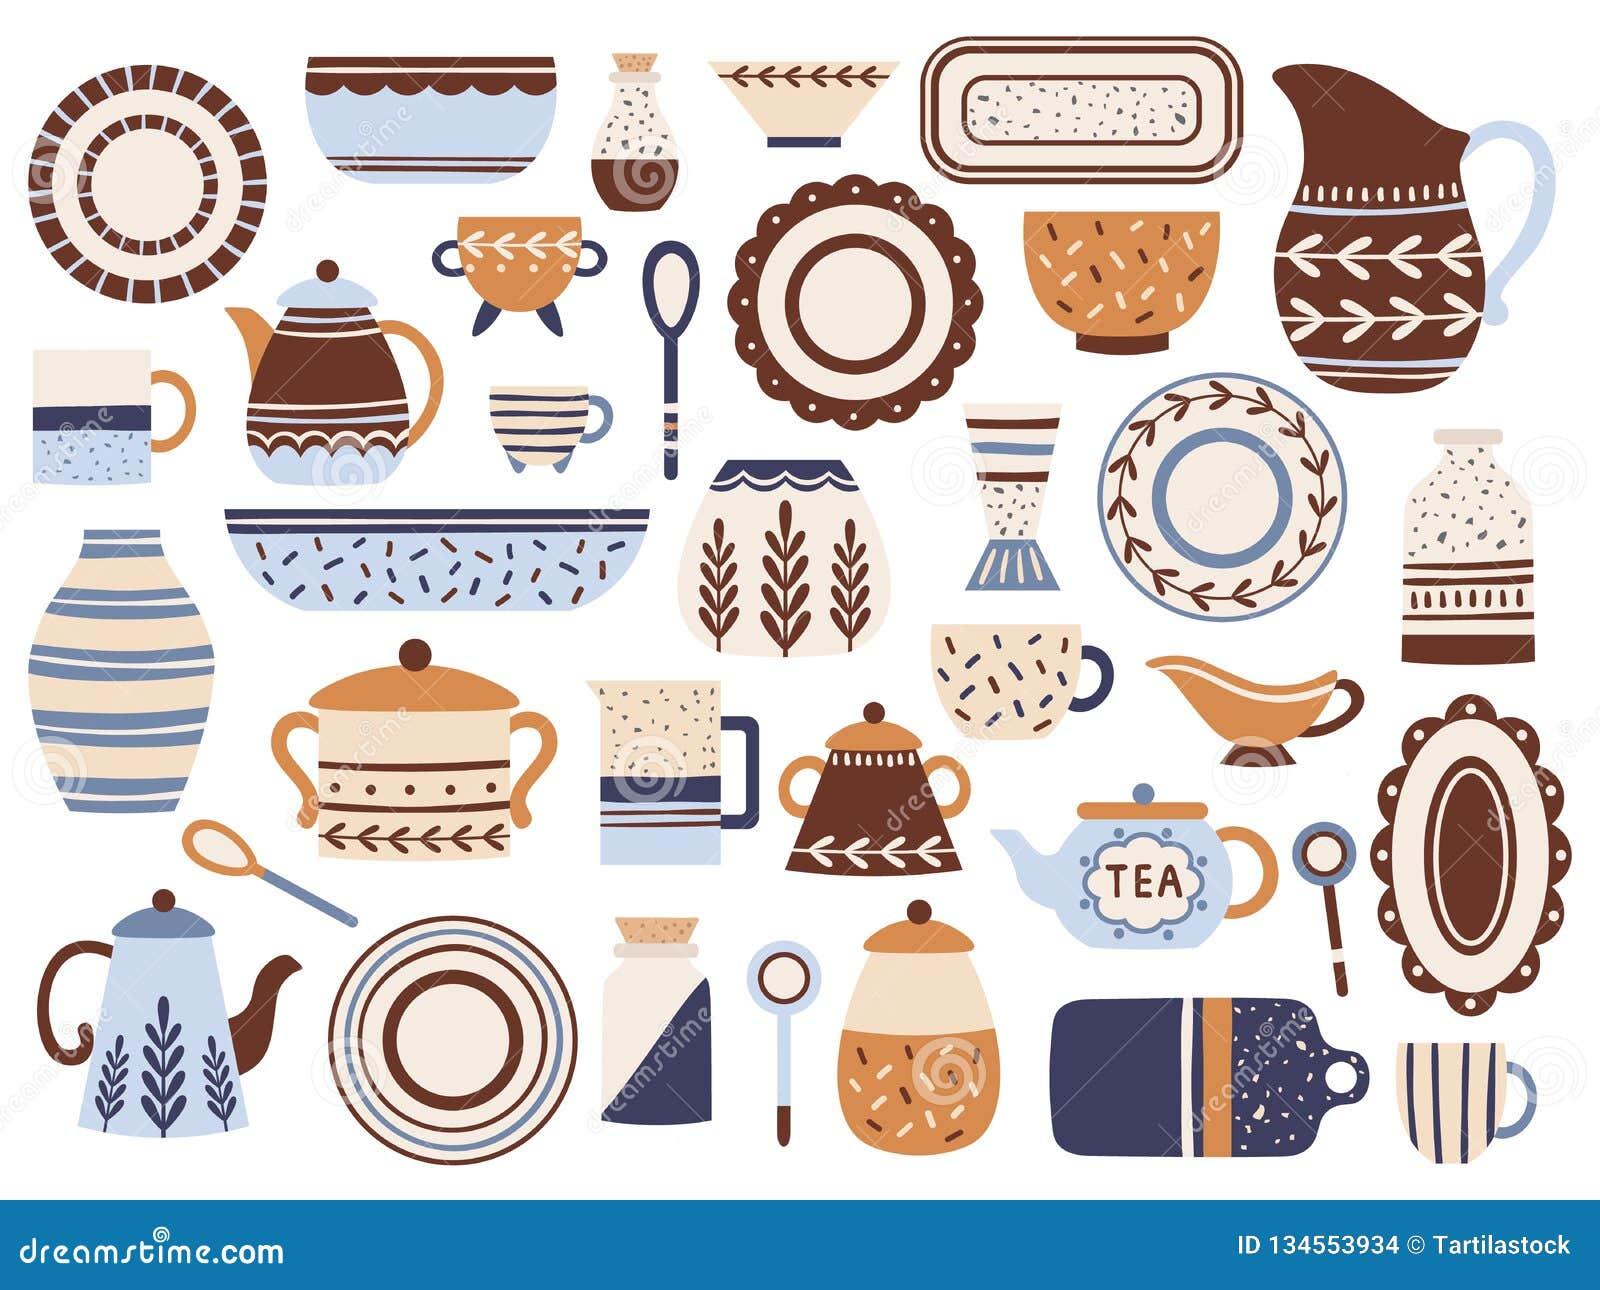 Keukenaardewerk Ceramische cookware, porseleinkoppen en glaswerkkruik Het keukenvaatwerk isoleerde vlakke punten vectorreeks